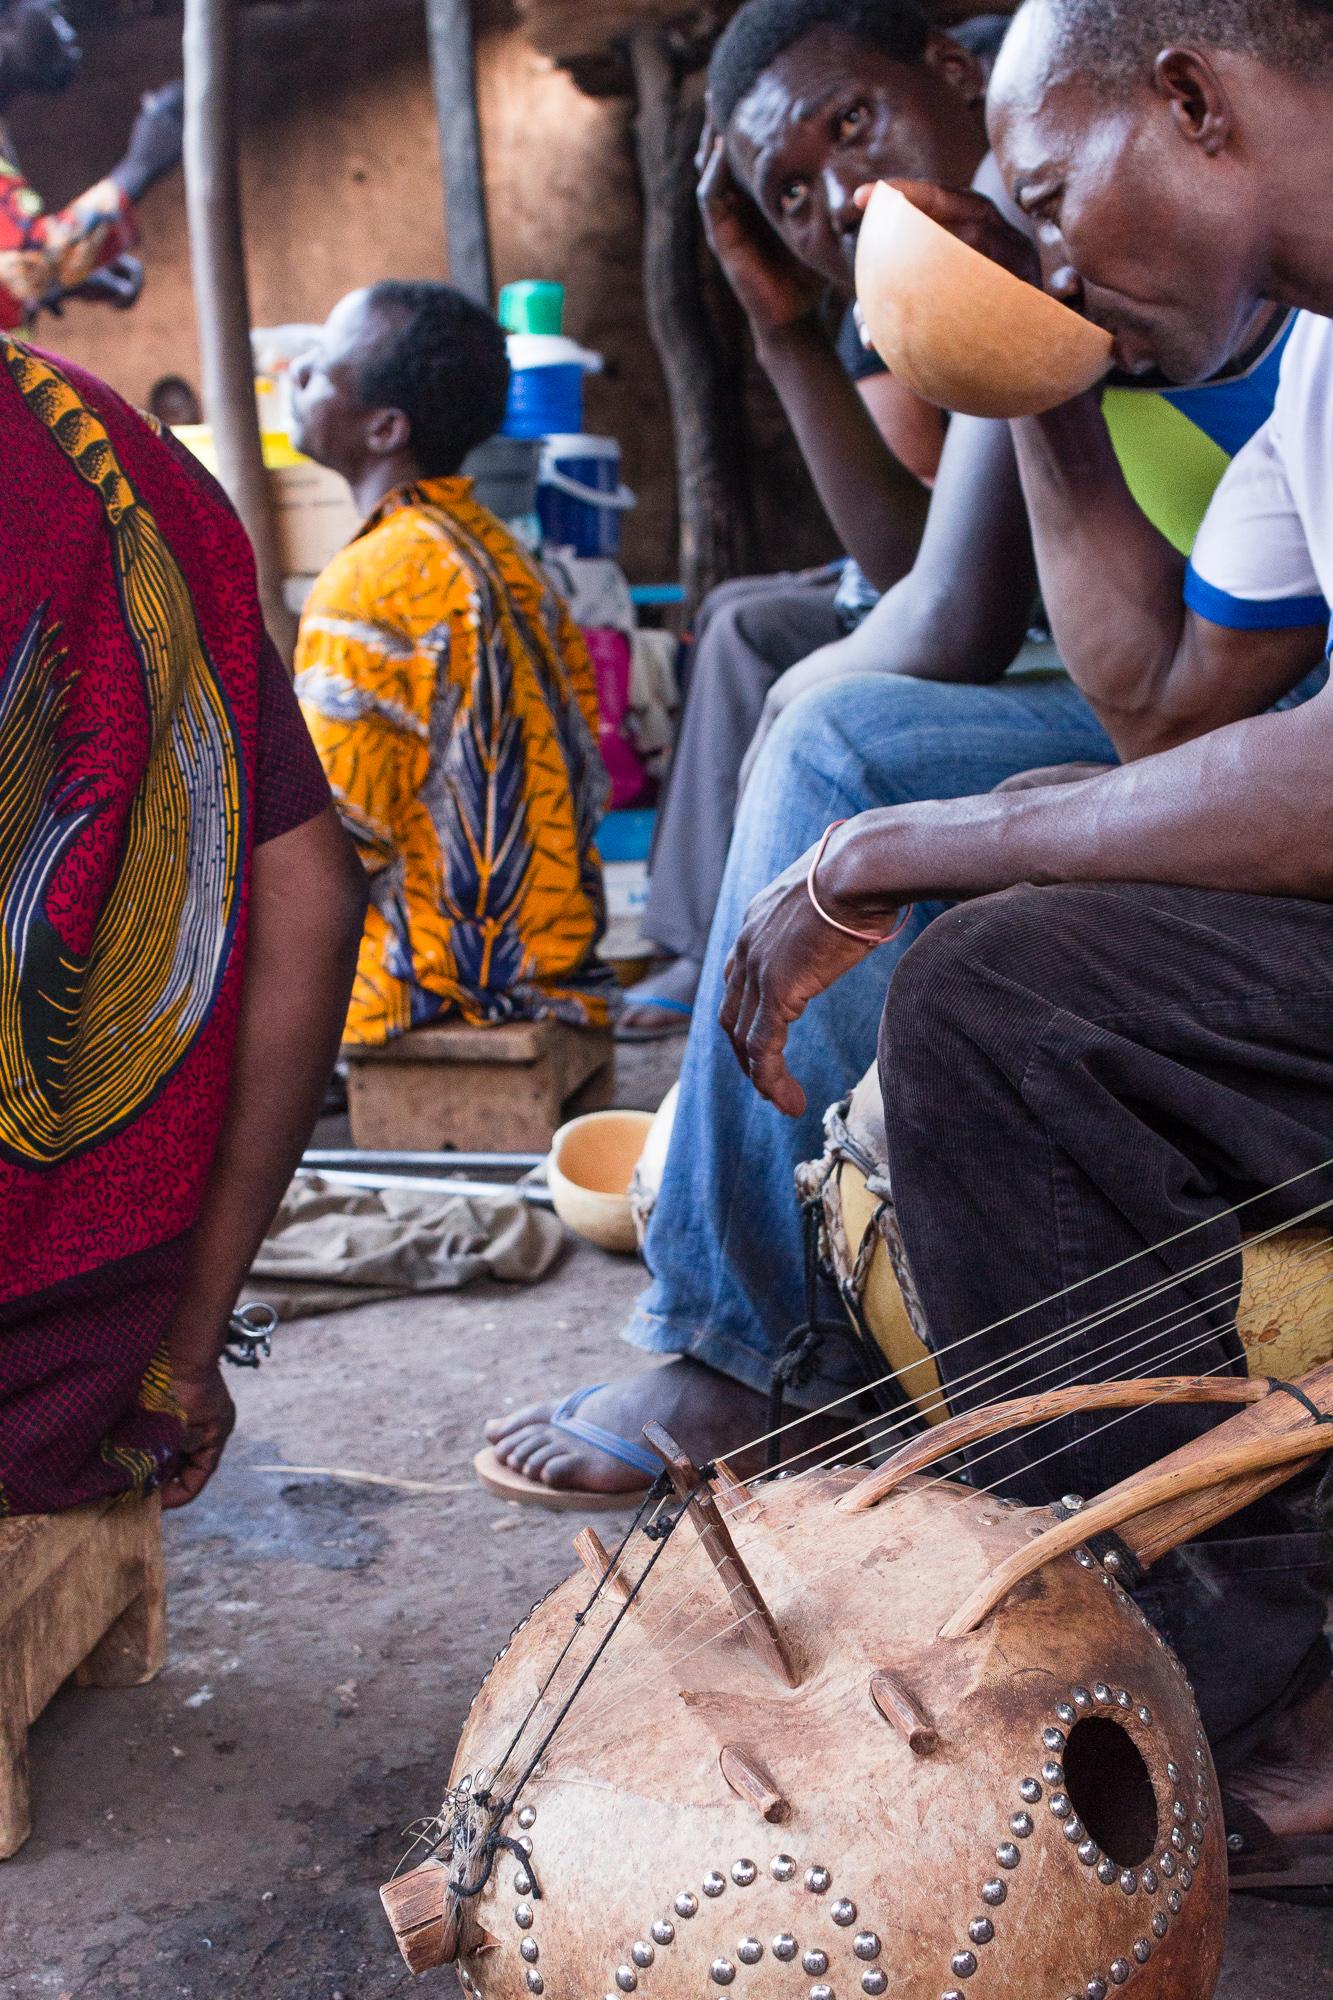 Musicien buvant une calebasse de dolo, cabaret Poto Poto, Bobo Dioulasso, Burkina Faso